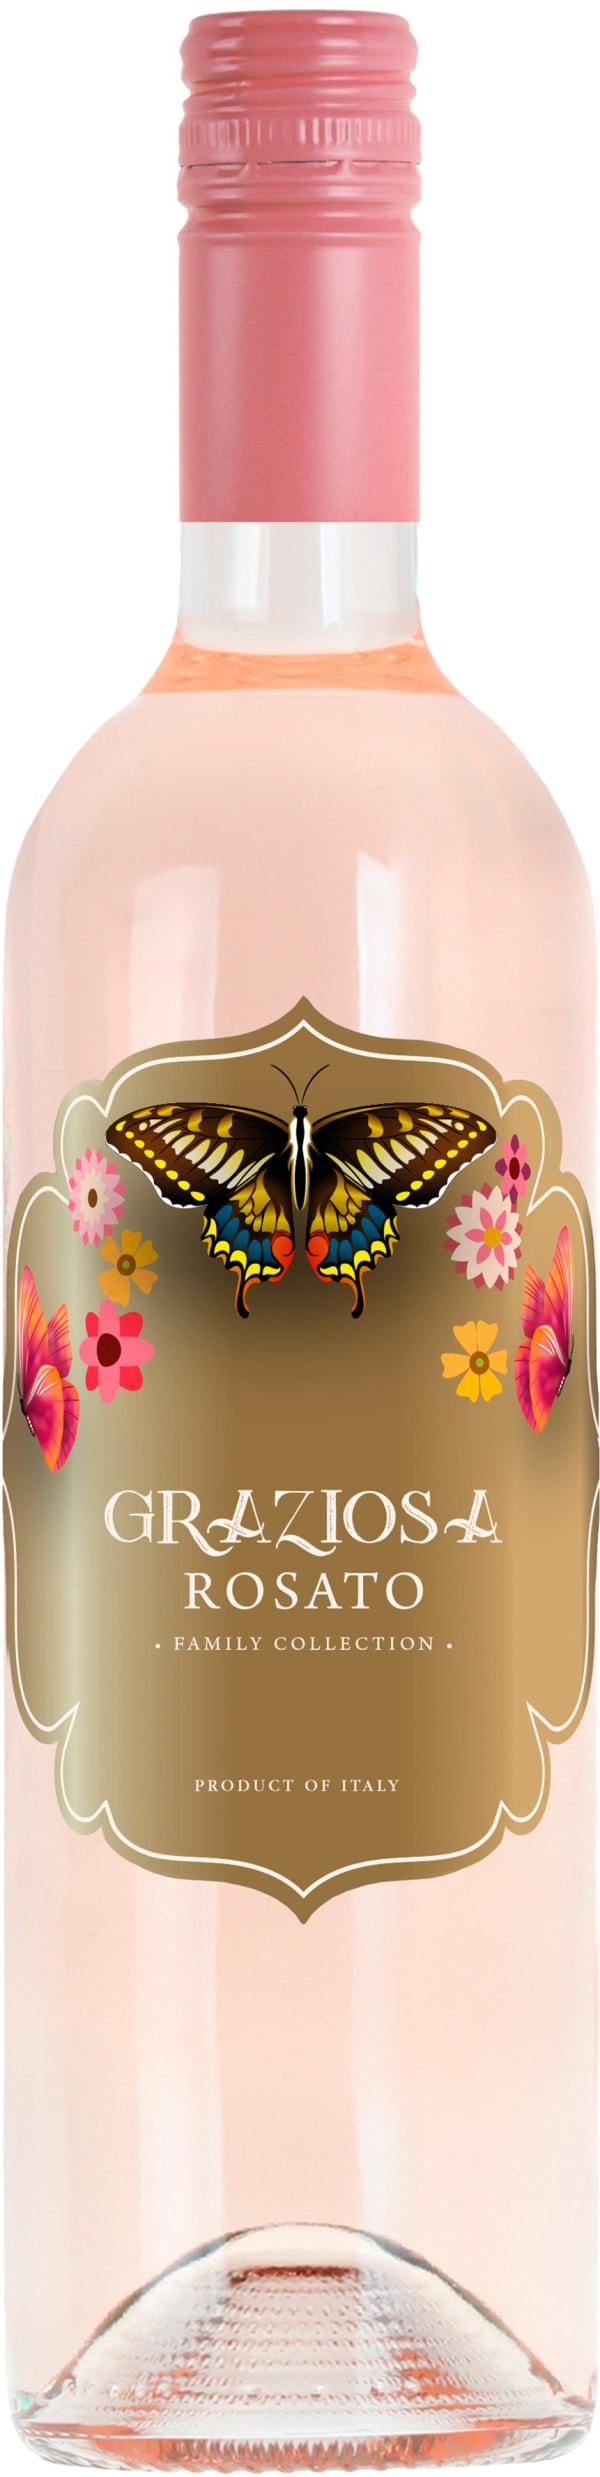 Graziosa Rosato 2020